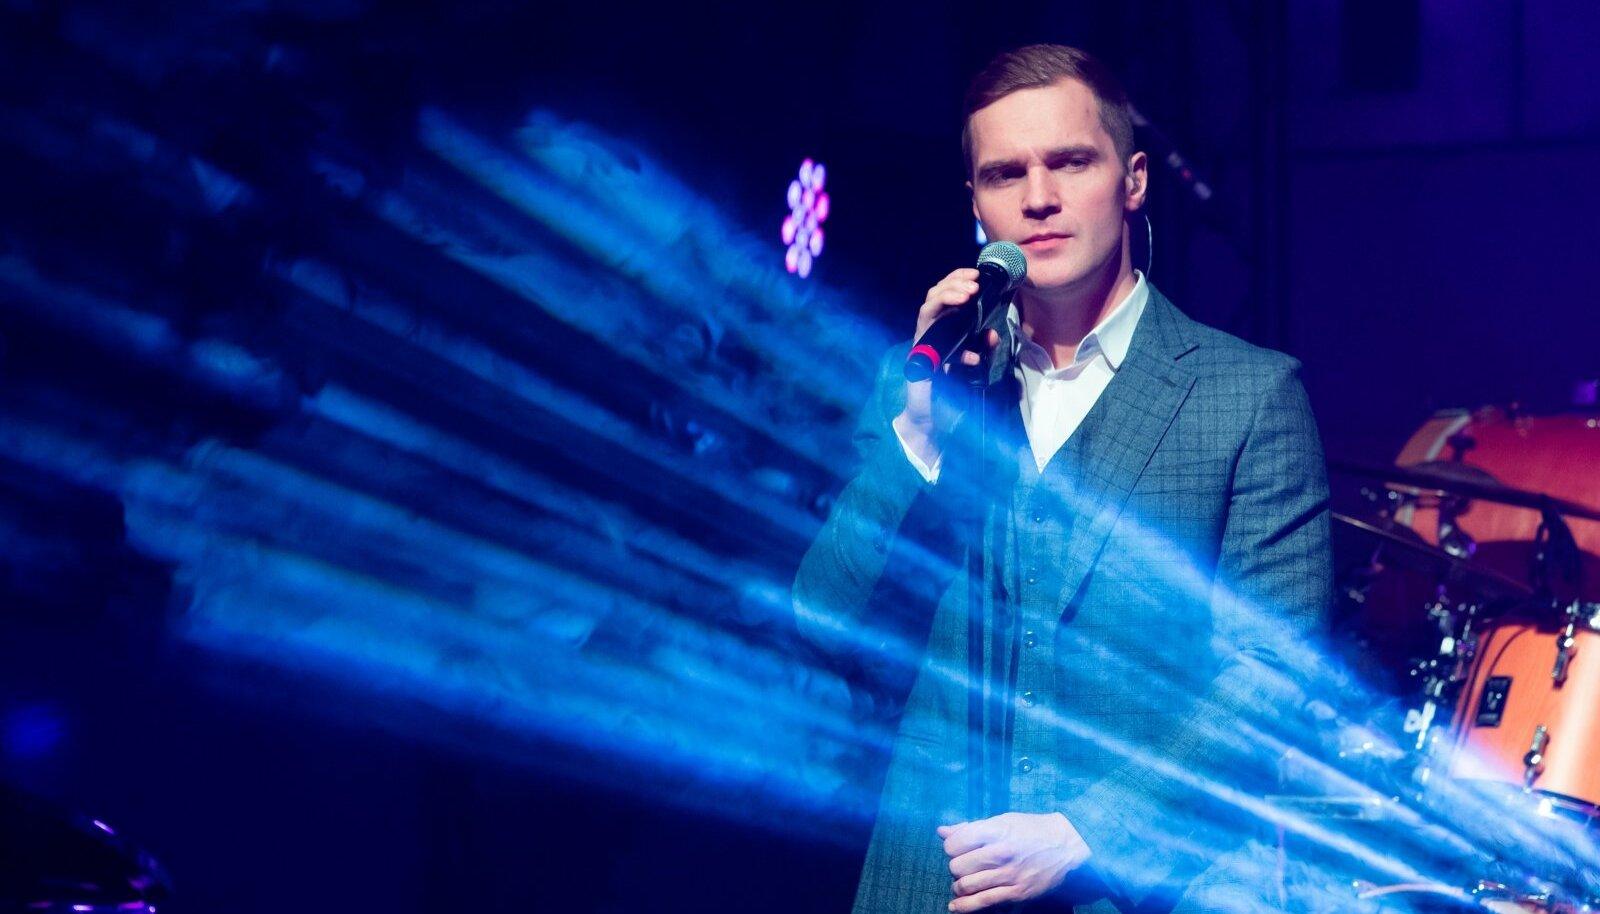 """UUS TULIJA: Ott Leplandi laul """"Lootuses"""" jõudis Eesti lugude tipp-40s 26. kohale."""